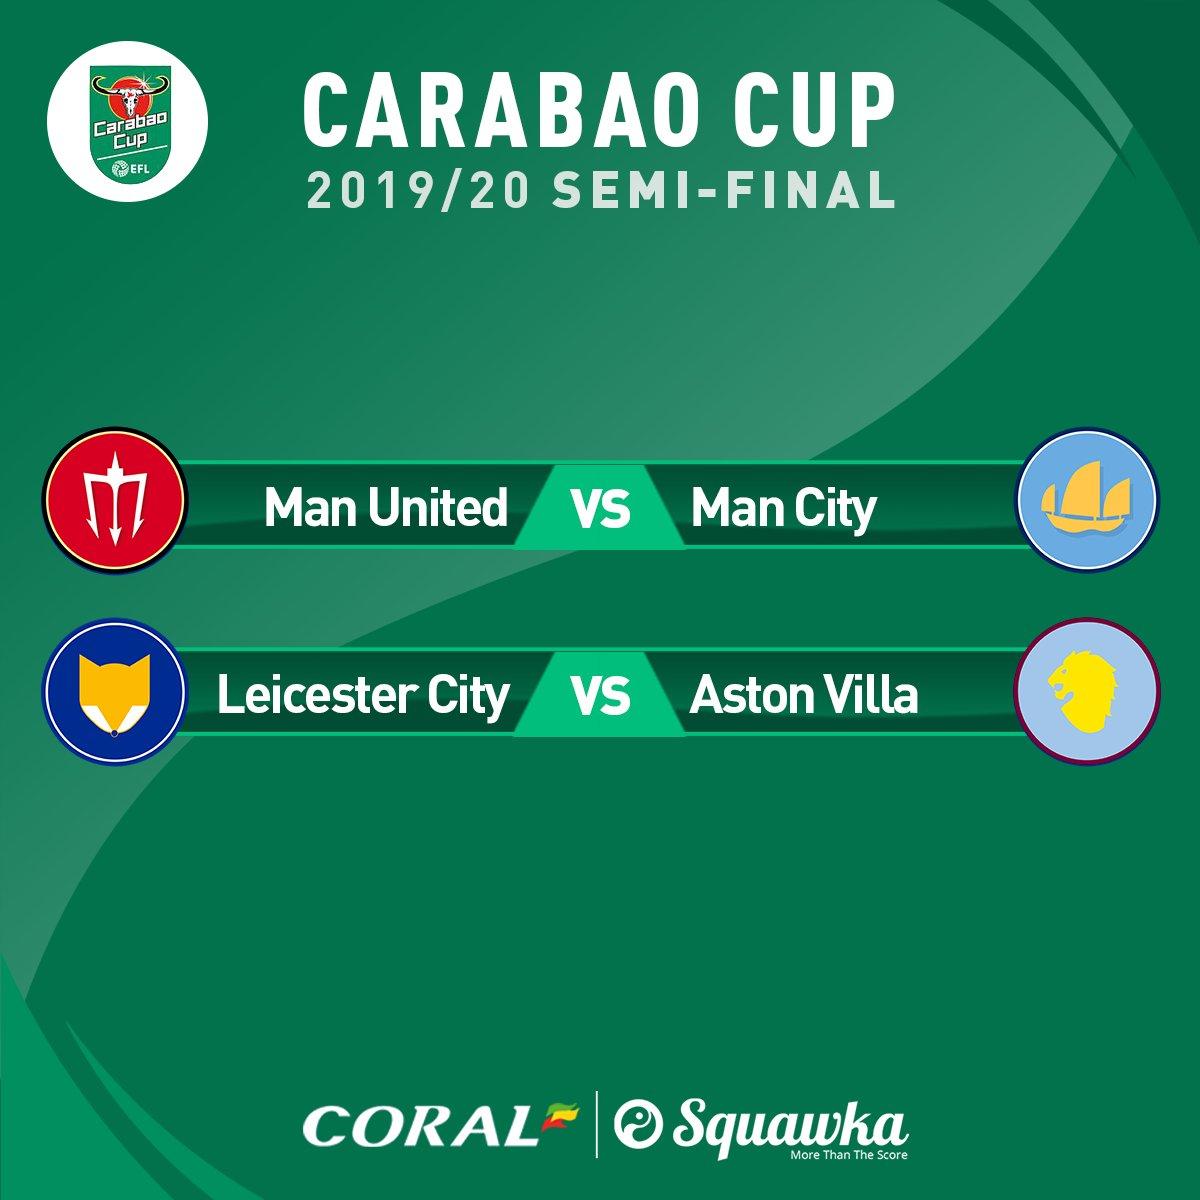 卡拉宝杯半决赛抽签:曼联曼城上演德比,莱斯特城vs维拉